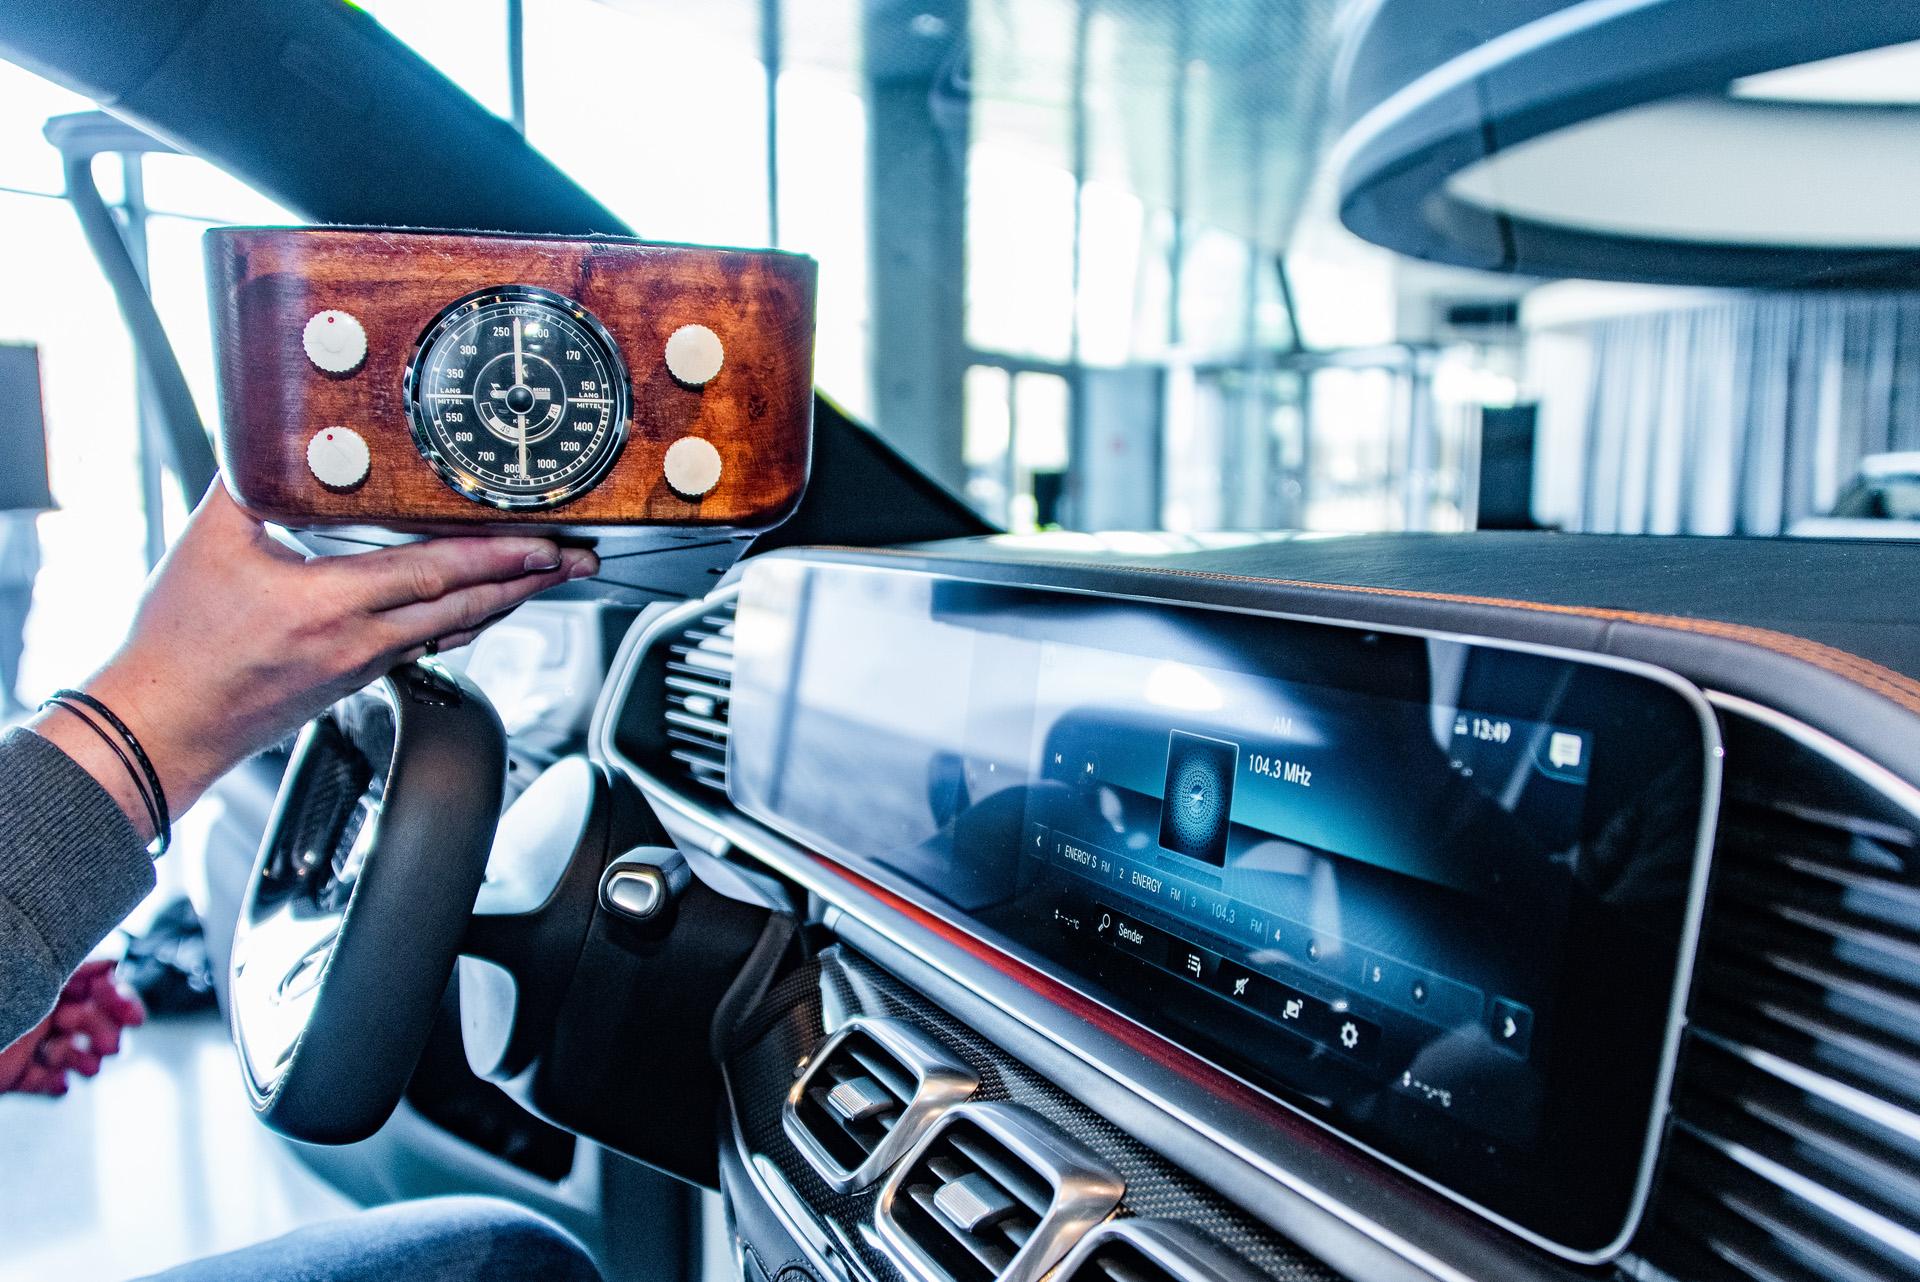 """Das Autoradio: links ein historisches Rundskalenautoradio vom Typ Becker Solitude aus den 1950er-Jahren mit holzverkleideter Front für den Einbau im Armaturenbrett. Exponat der """"33 Extras"""" im Mercedes-Benz Museum. Rechts das MBUX Display des Mercedes-Benz Experimental-Sicherheits-Fahrzeugs ESF 2019."""